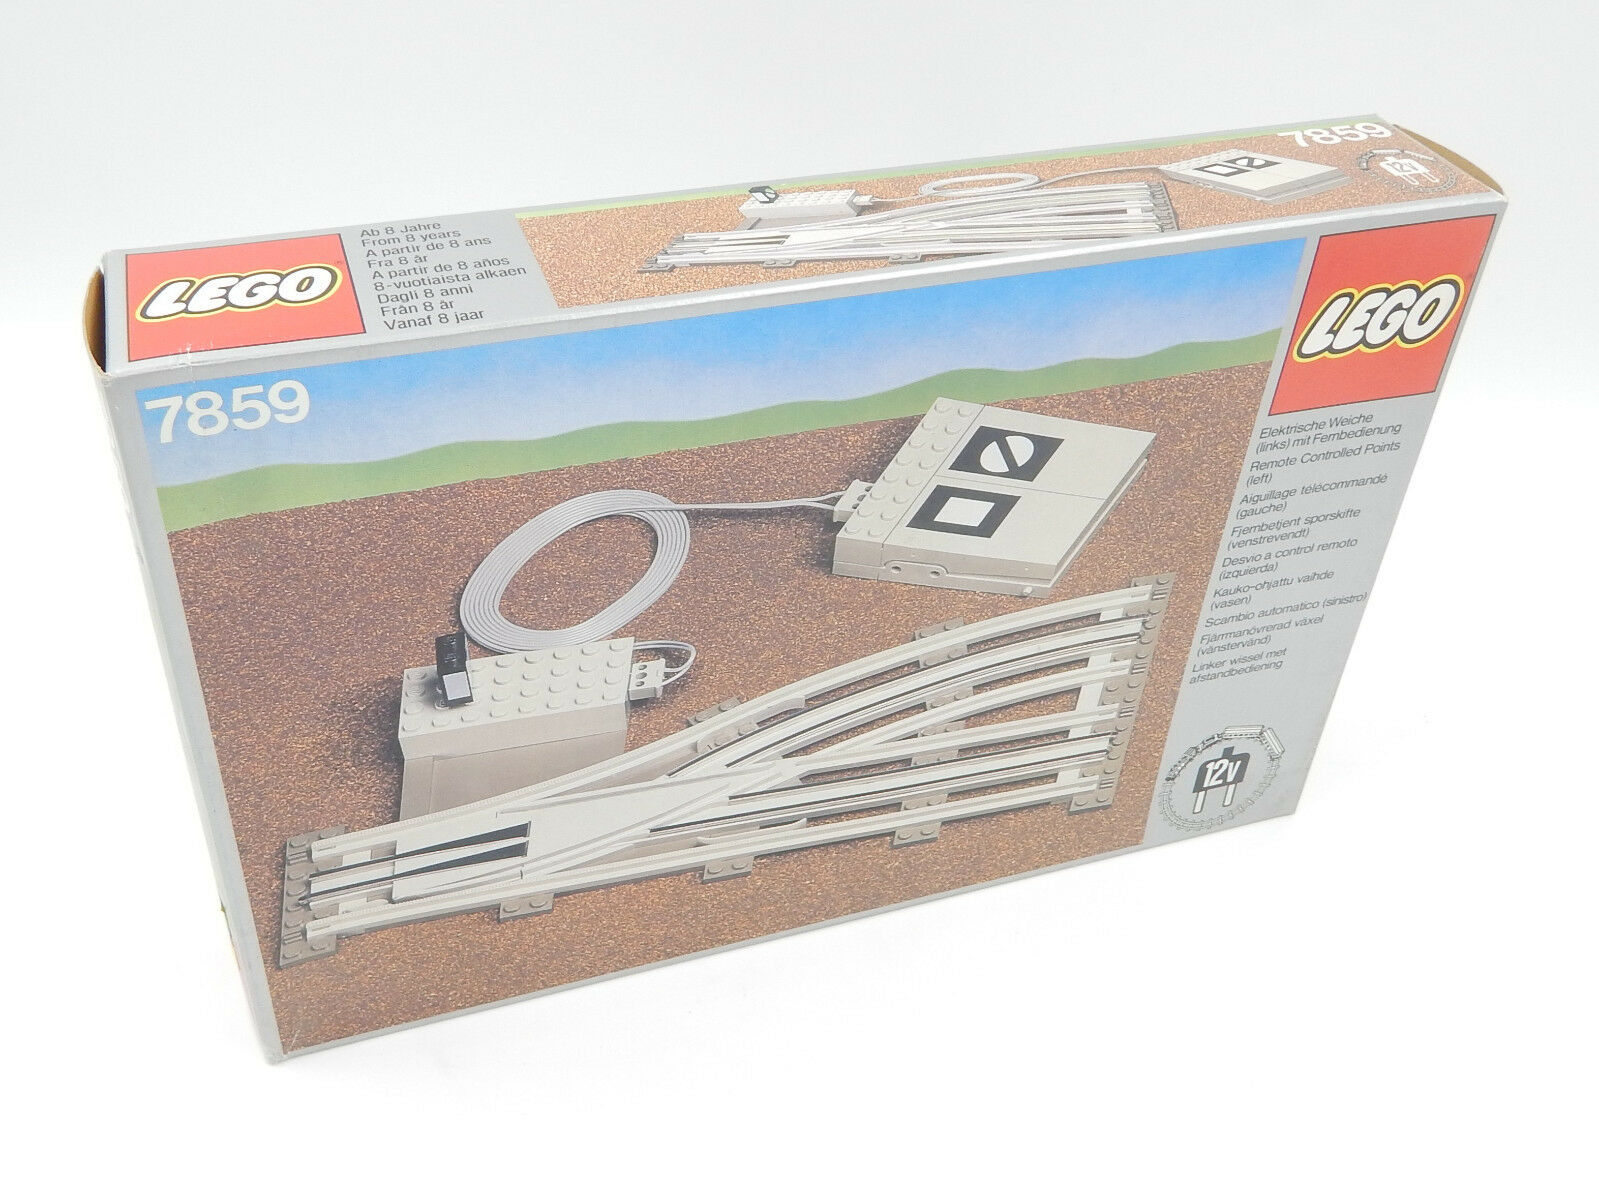 LEGO 12 v chemin de de de fer/7859-électrique douce (gauche)  TélécomFemmede-Nouveau/Neuf dans sa boîte | Pas Chers  f9f9de